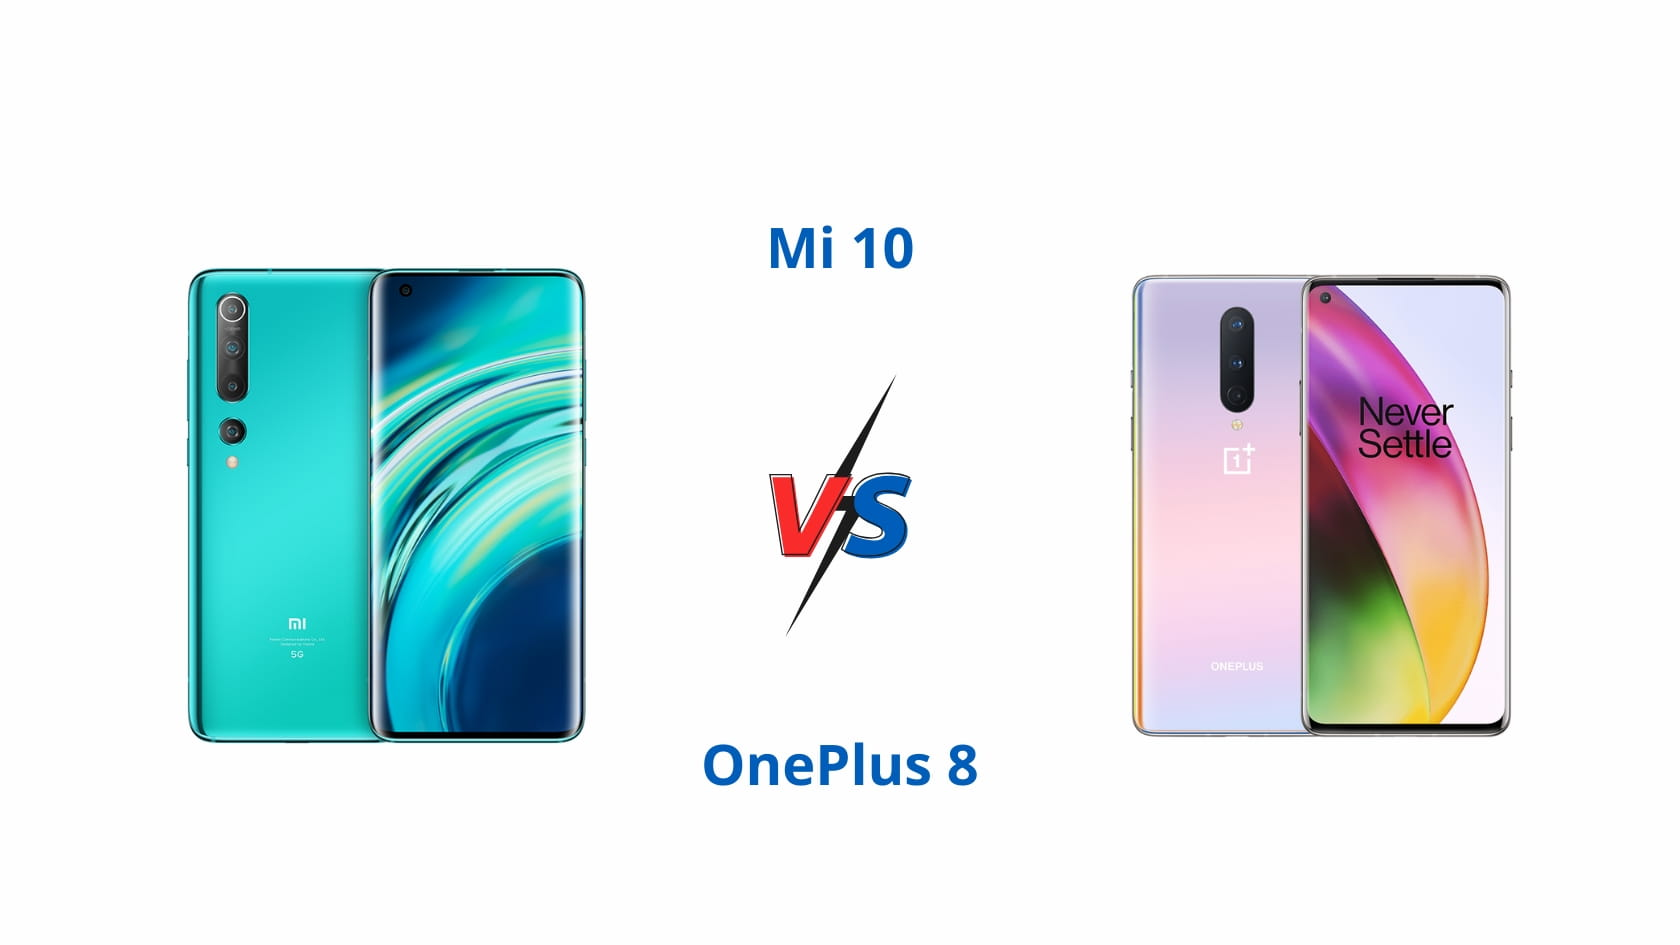 Mi 10 vs OnePlus 8